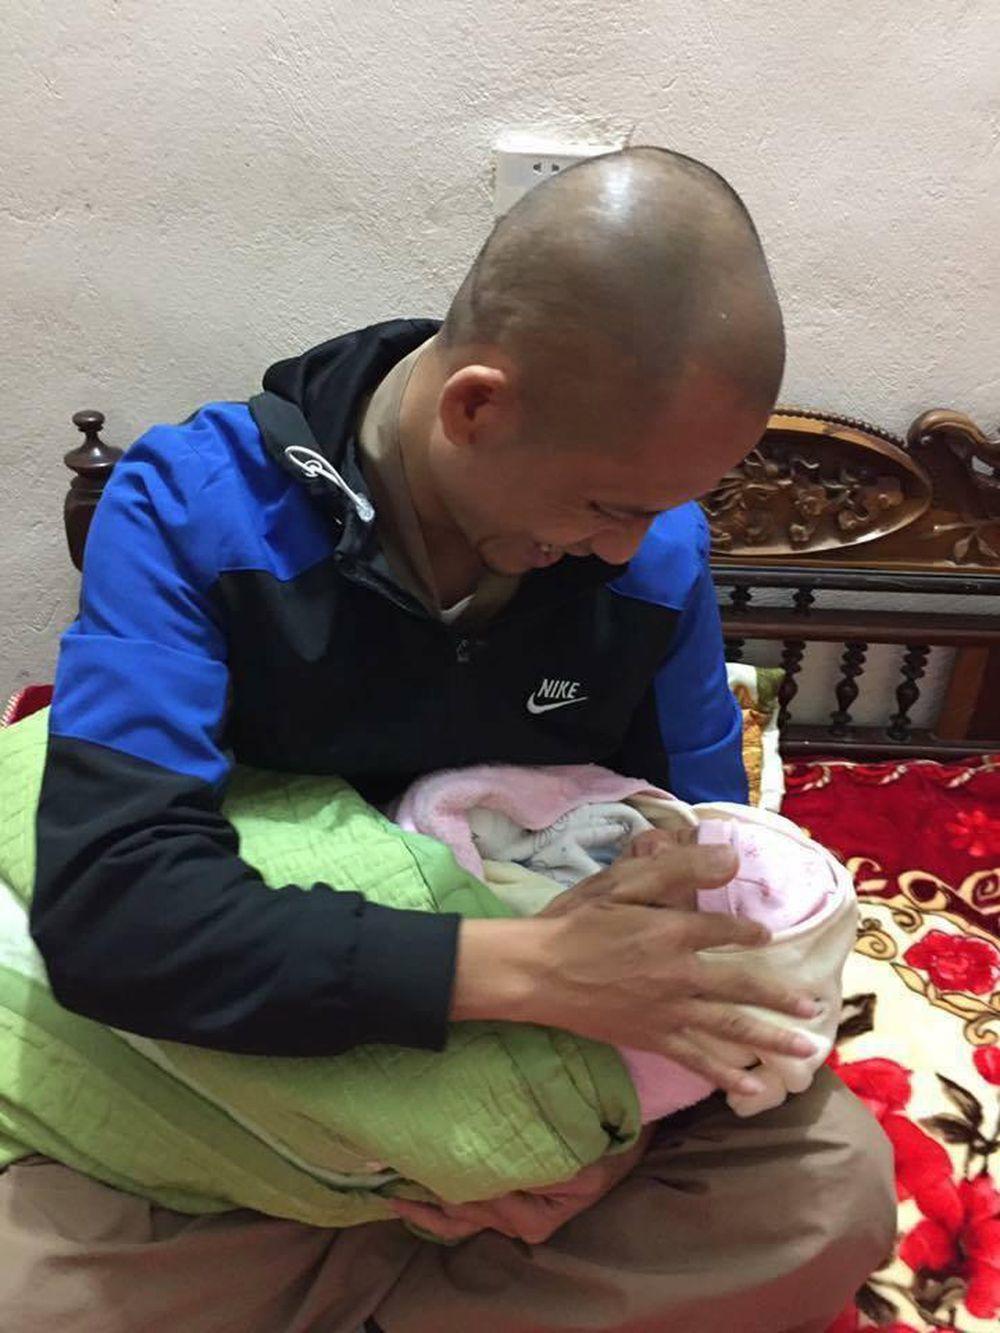 Tìm người thân cho bé trai sơ sinh bị bỏ rơi tại chùa ở Hưng Yên - Báo  Người Đưa Tin